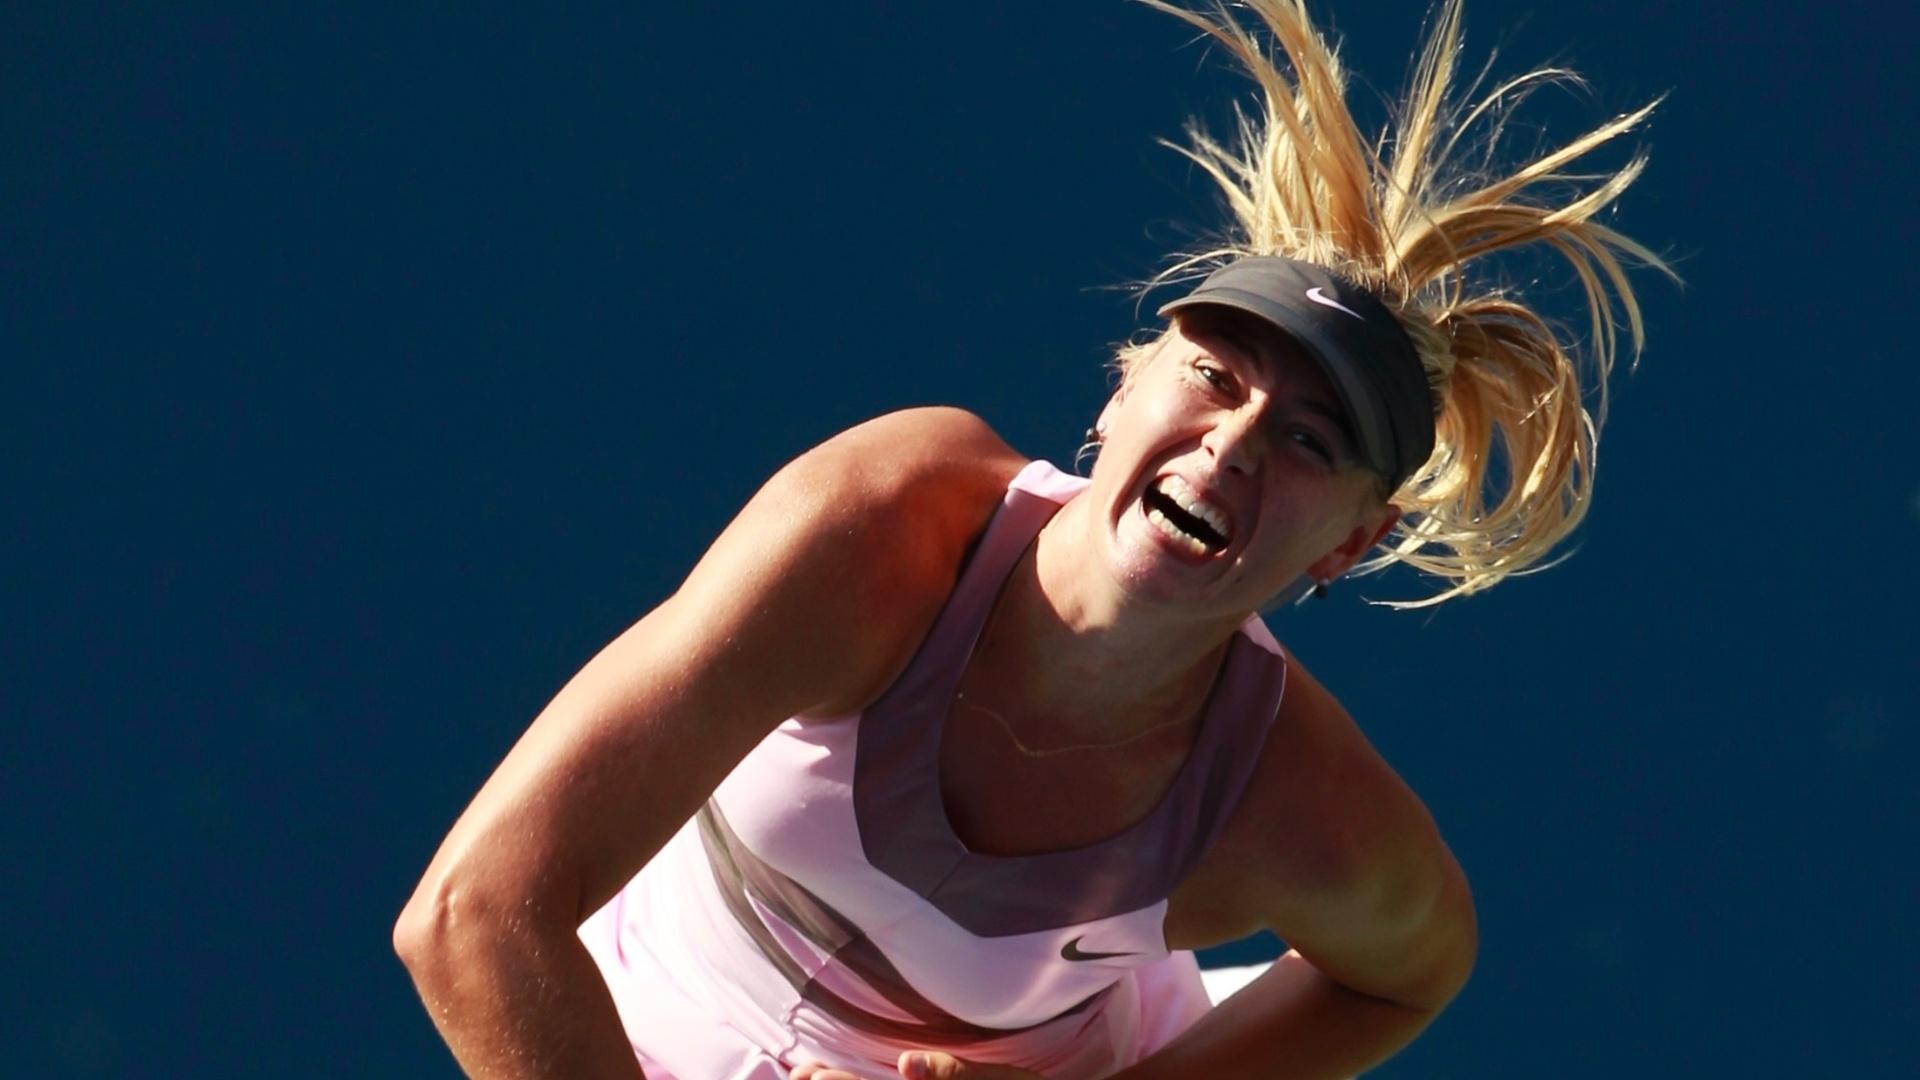 Maria Sharapova saca durante a partida contra Mallory Burdette pela terceira rodada do Aberto dos EUA